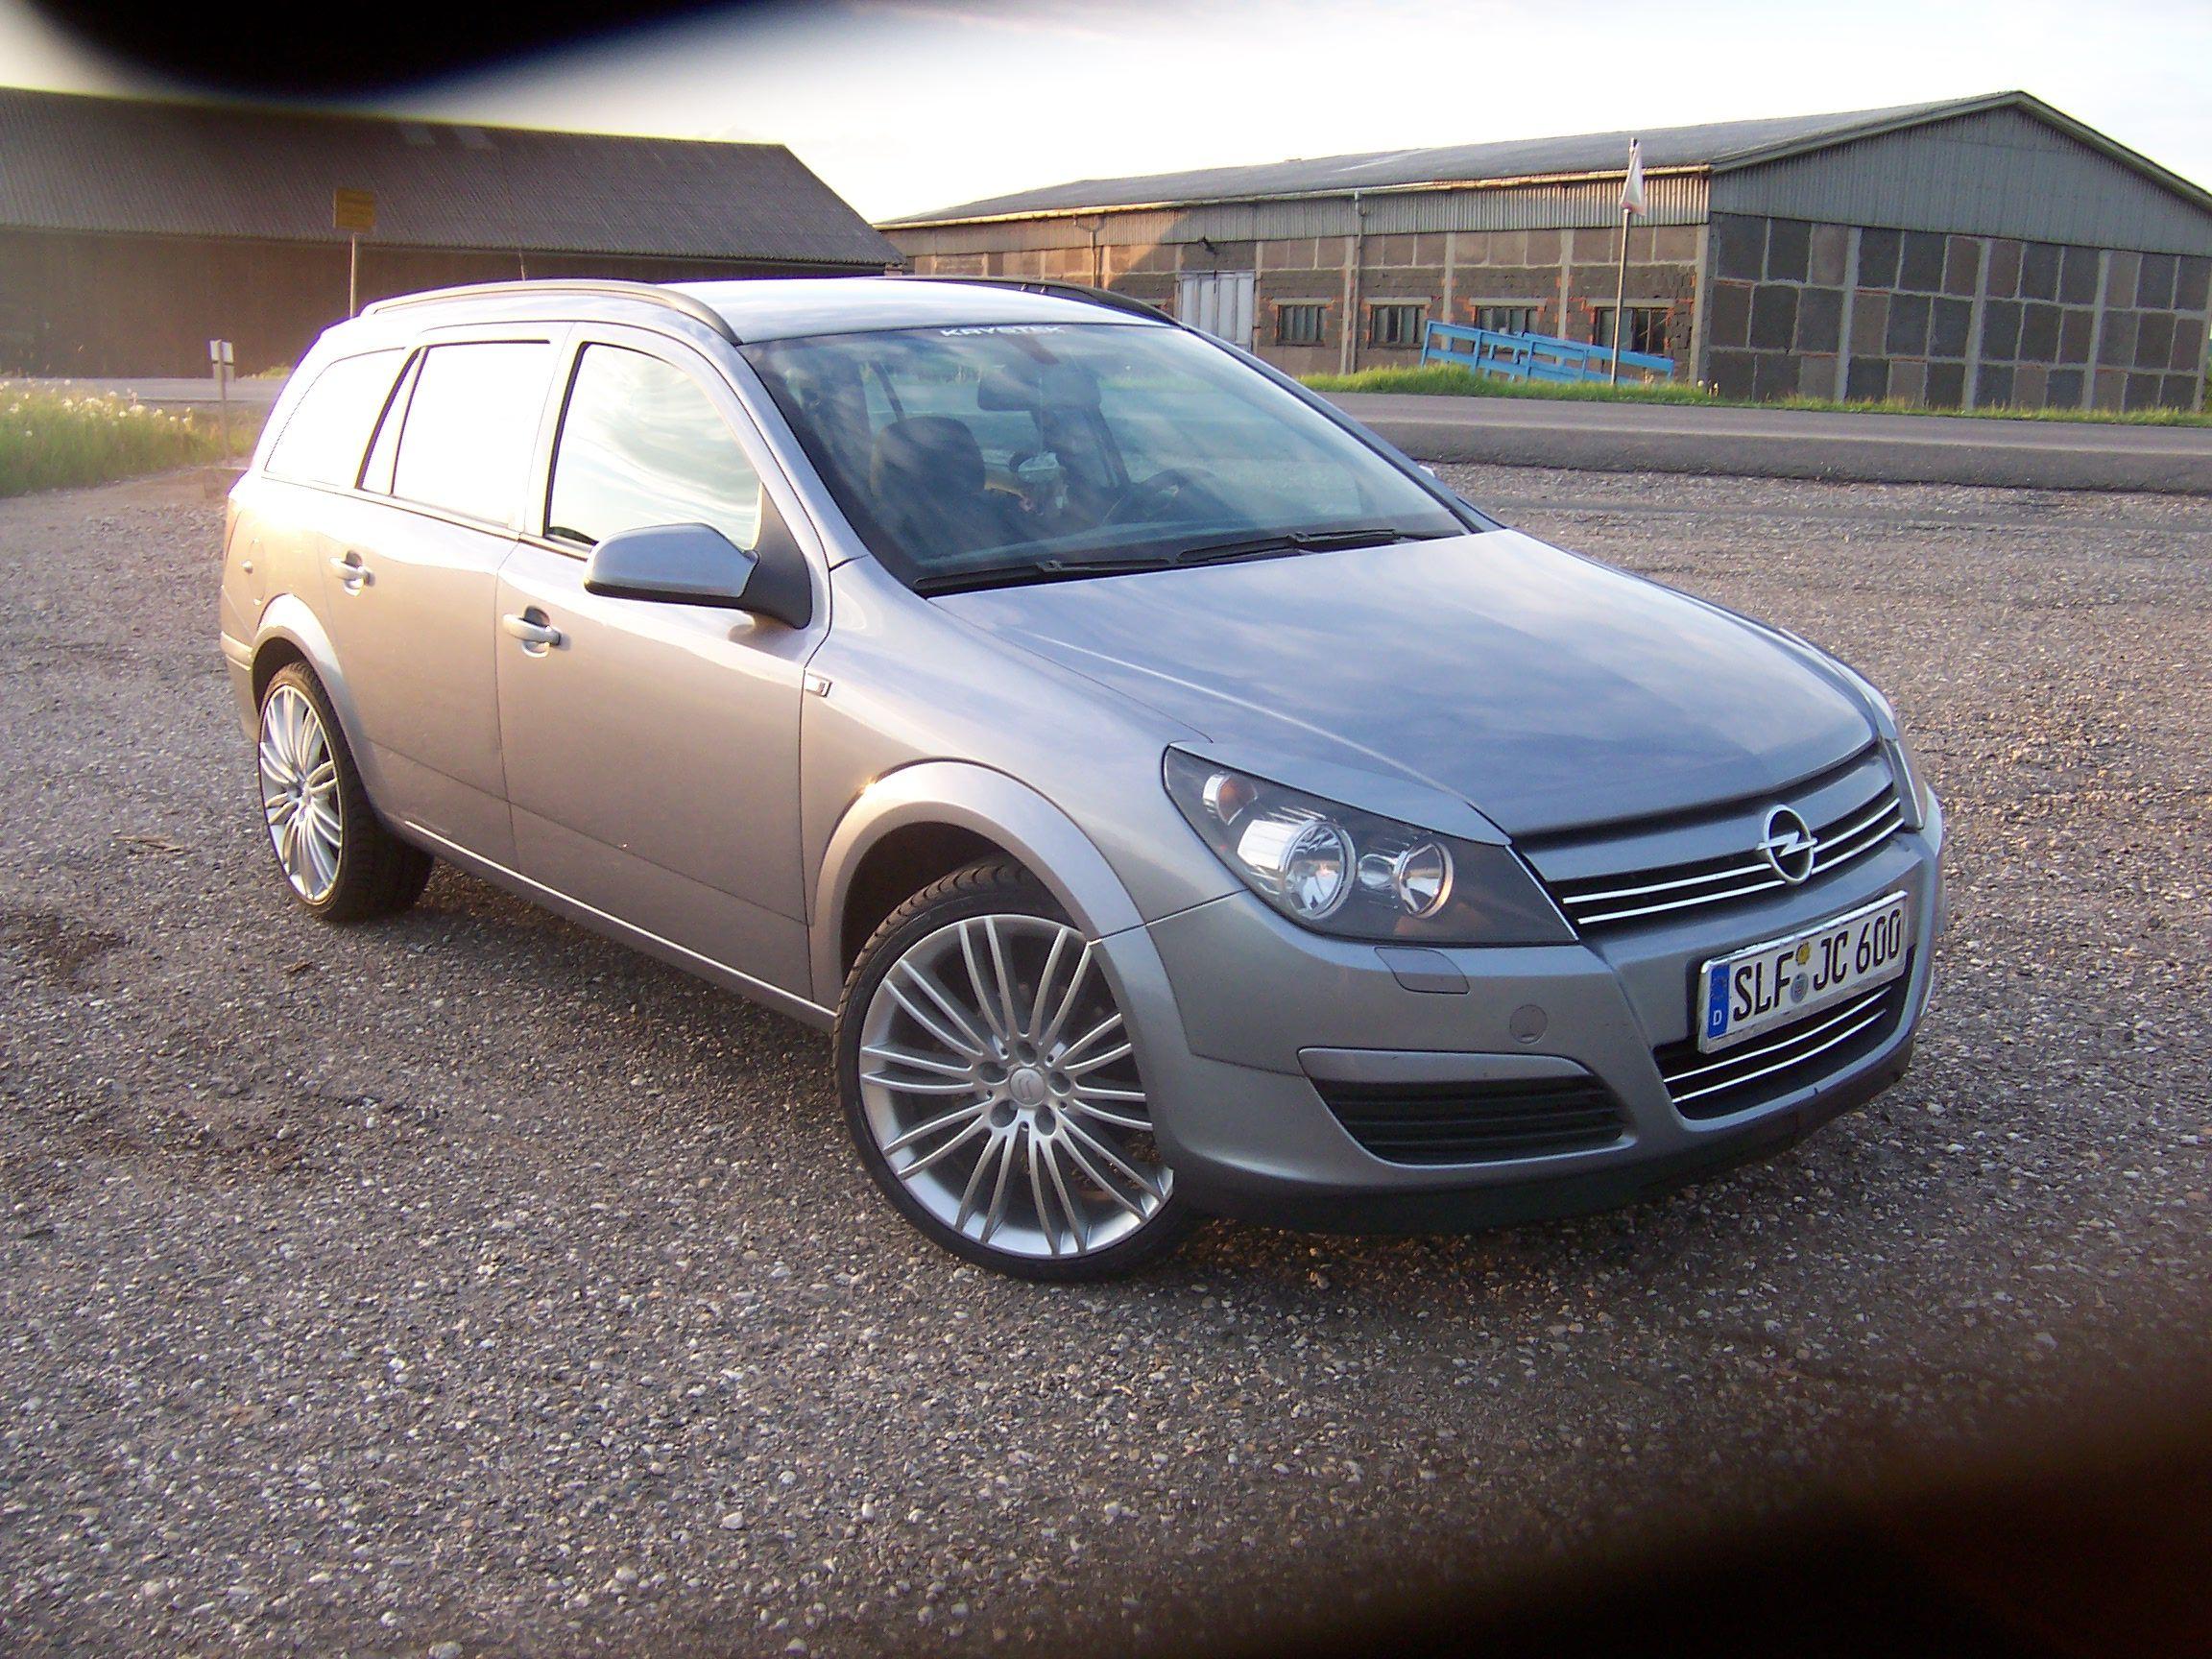 Auto Opel Astra H Caravan